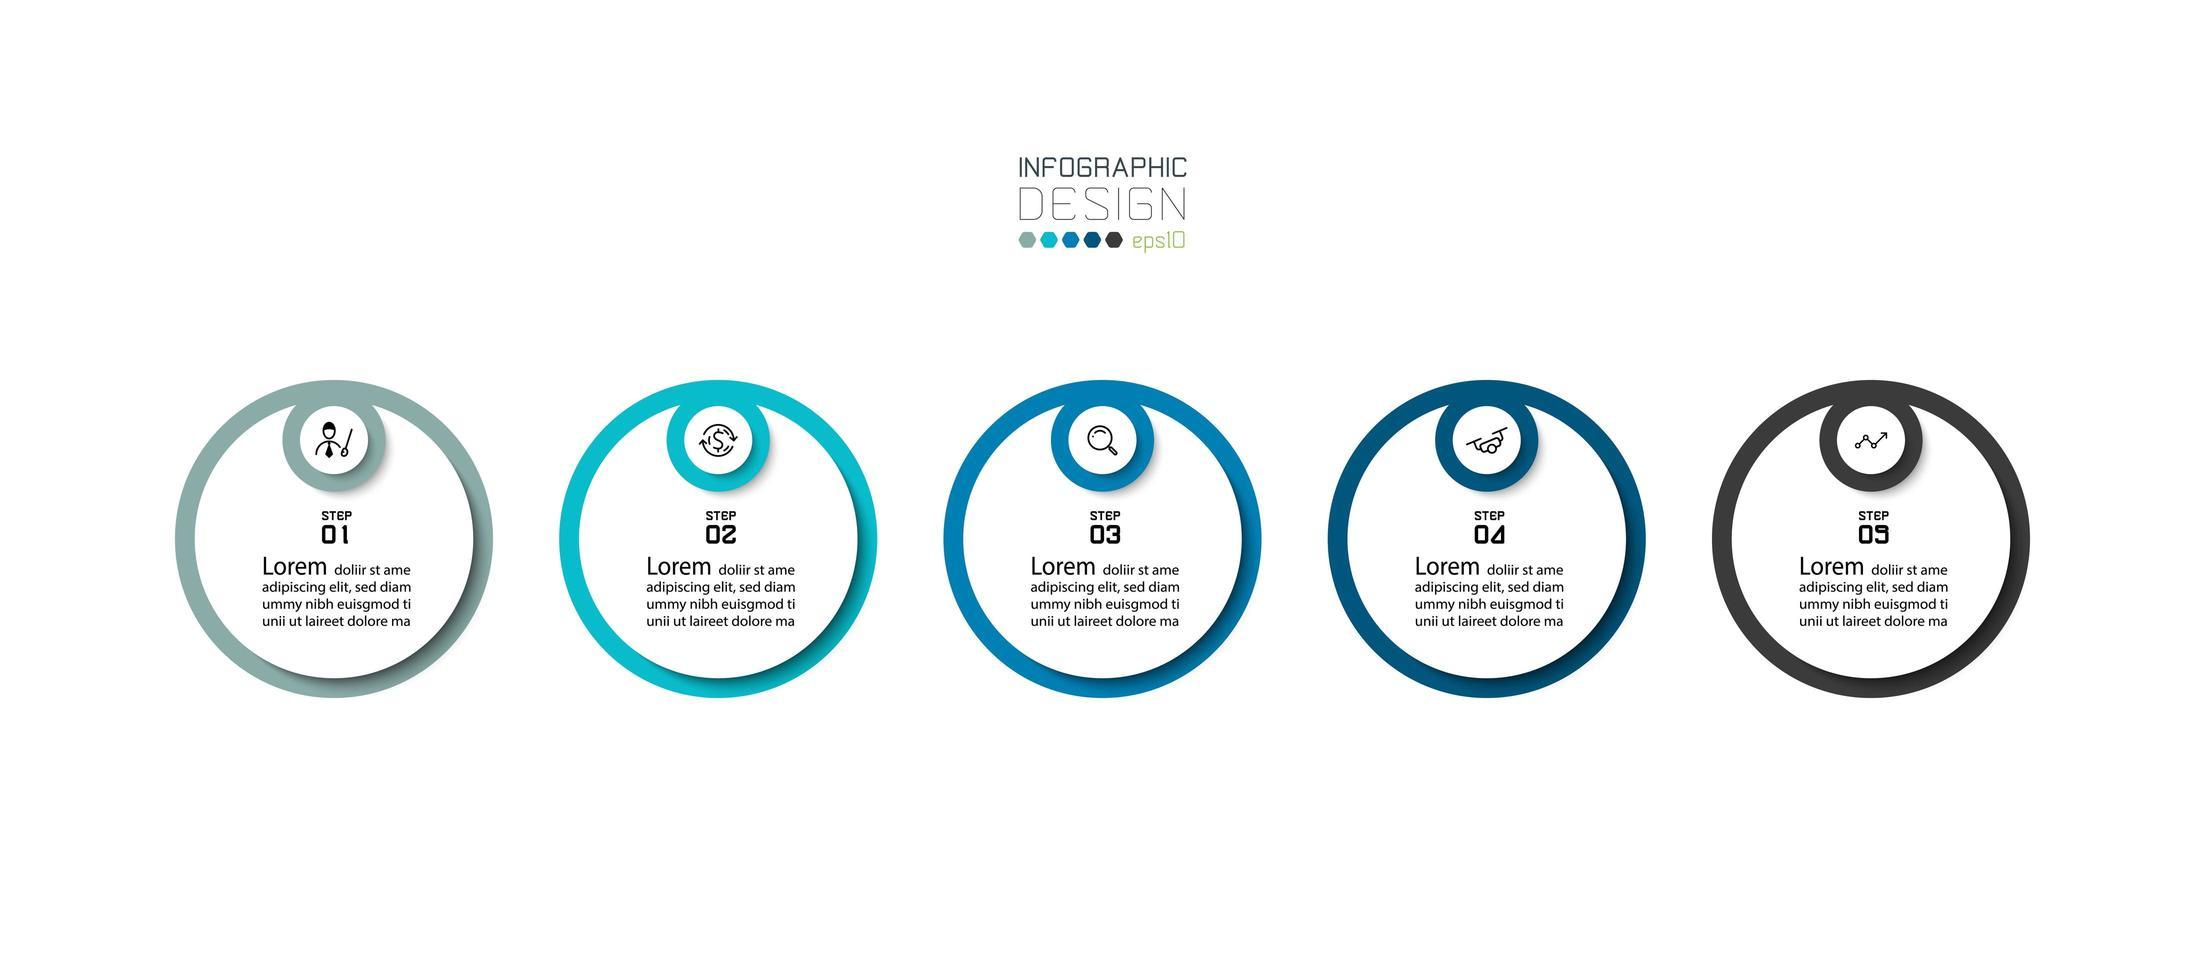 apresentação de infográficos modernos em 5 etapas vetor